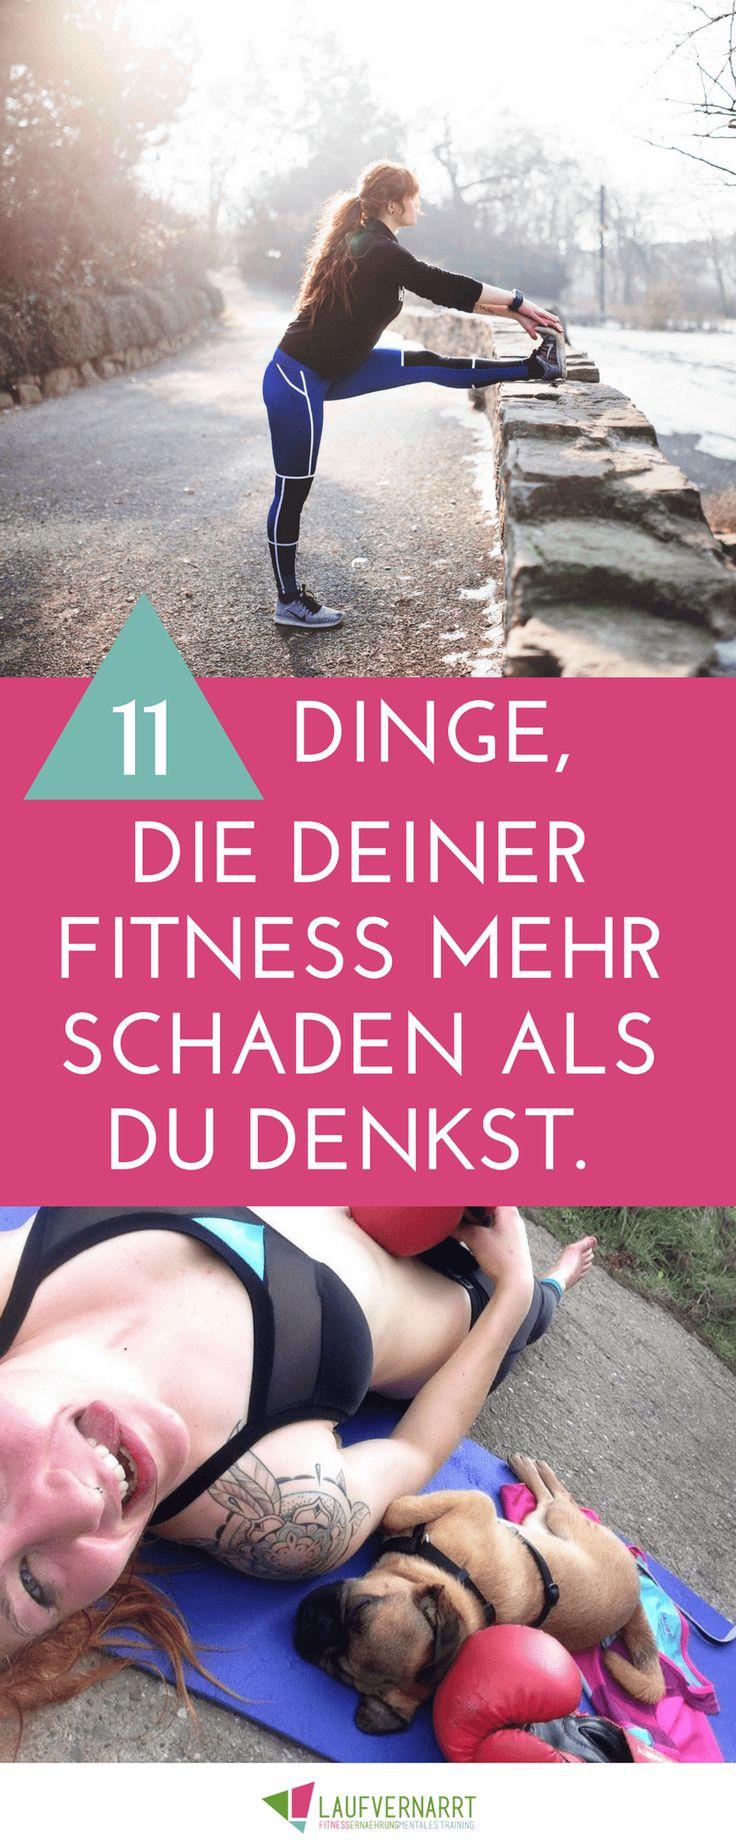 11 Dinge, die deiner Fitness mehr schaden, als du denkst – Laufvernarrt – Fitness, gesunde Ernährung und Selbstliebe